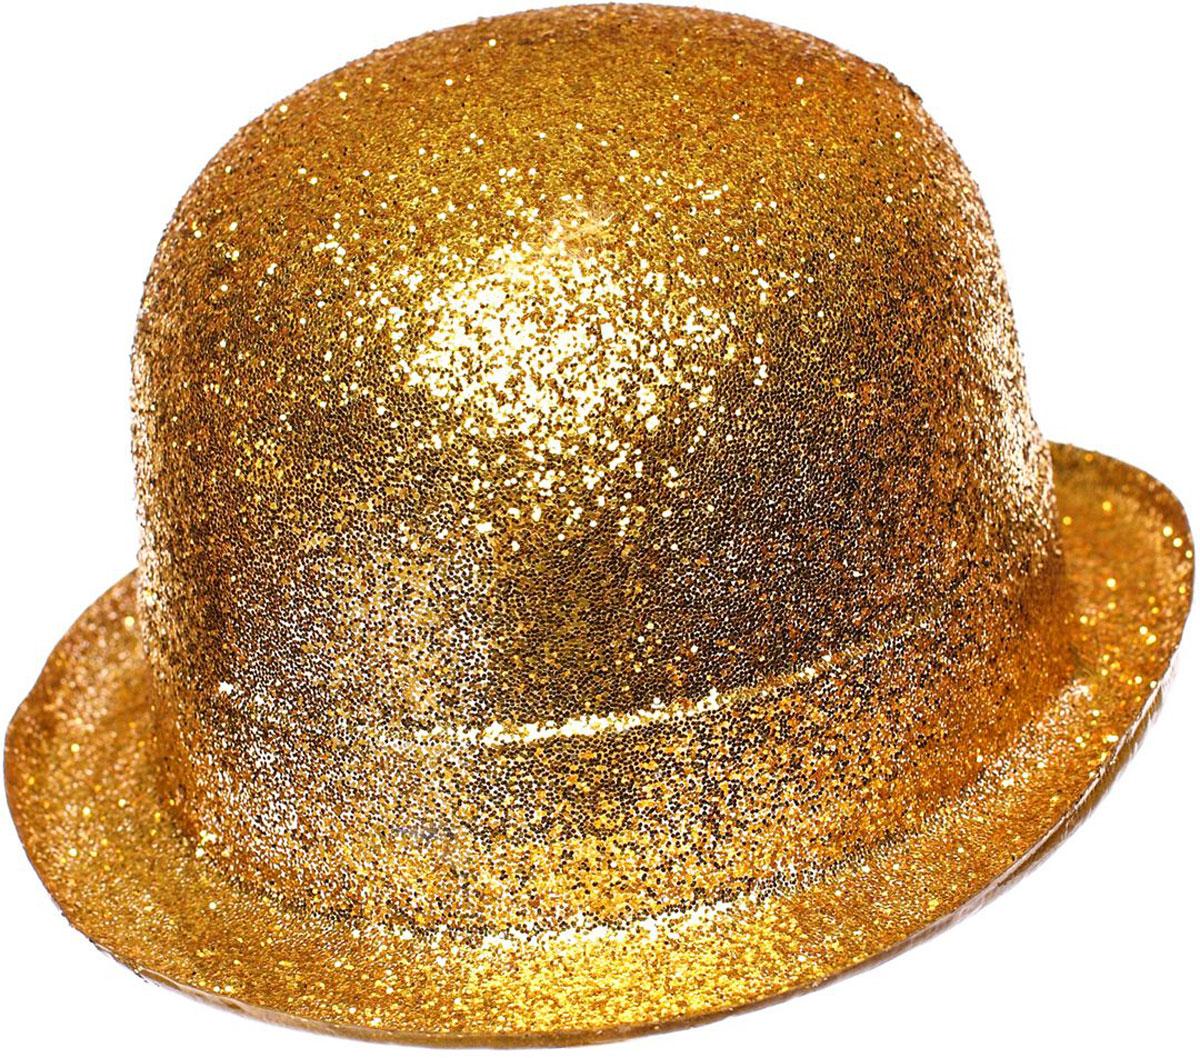 Rio Шляпа карнавальная 8019 -  Колпаки и шляпы